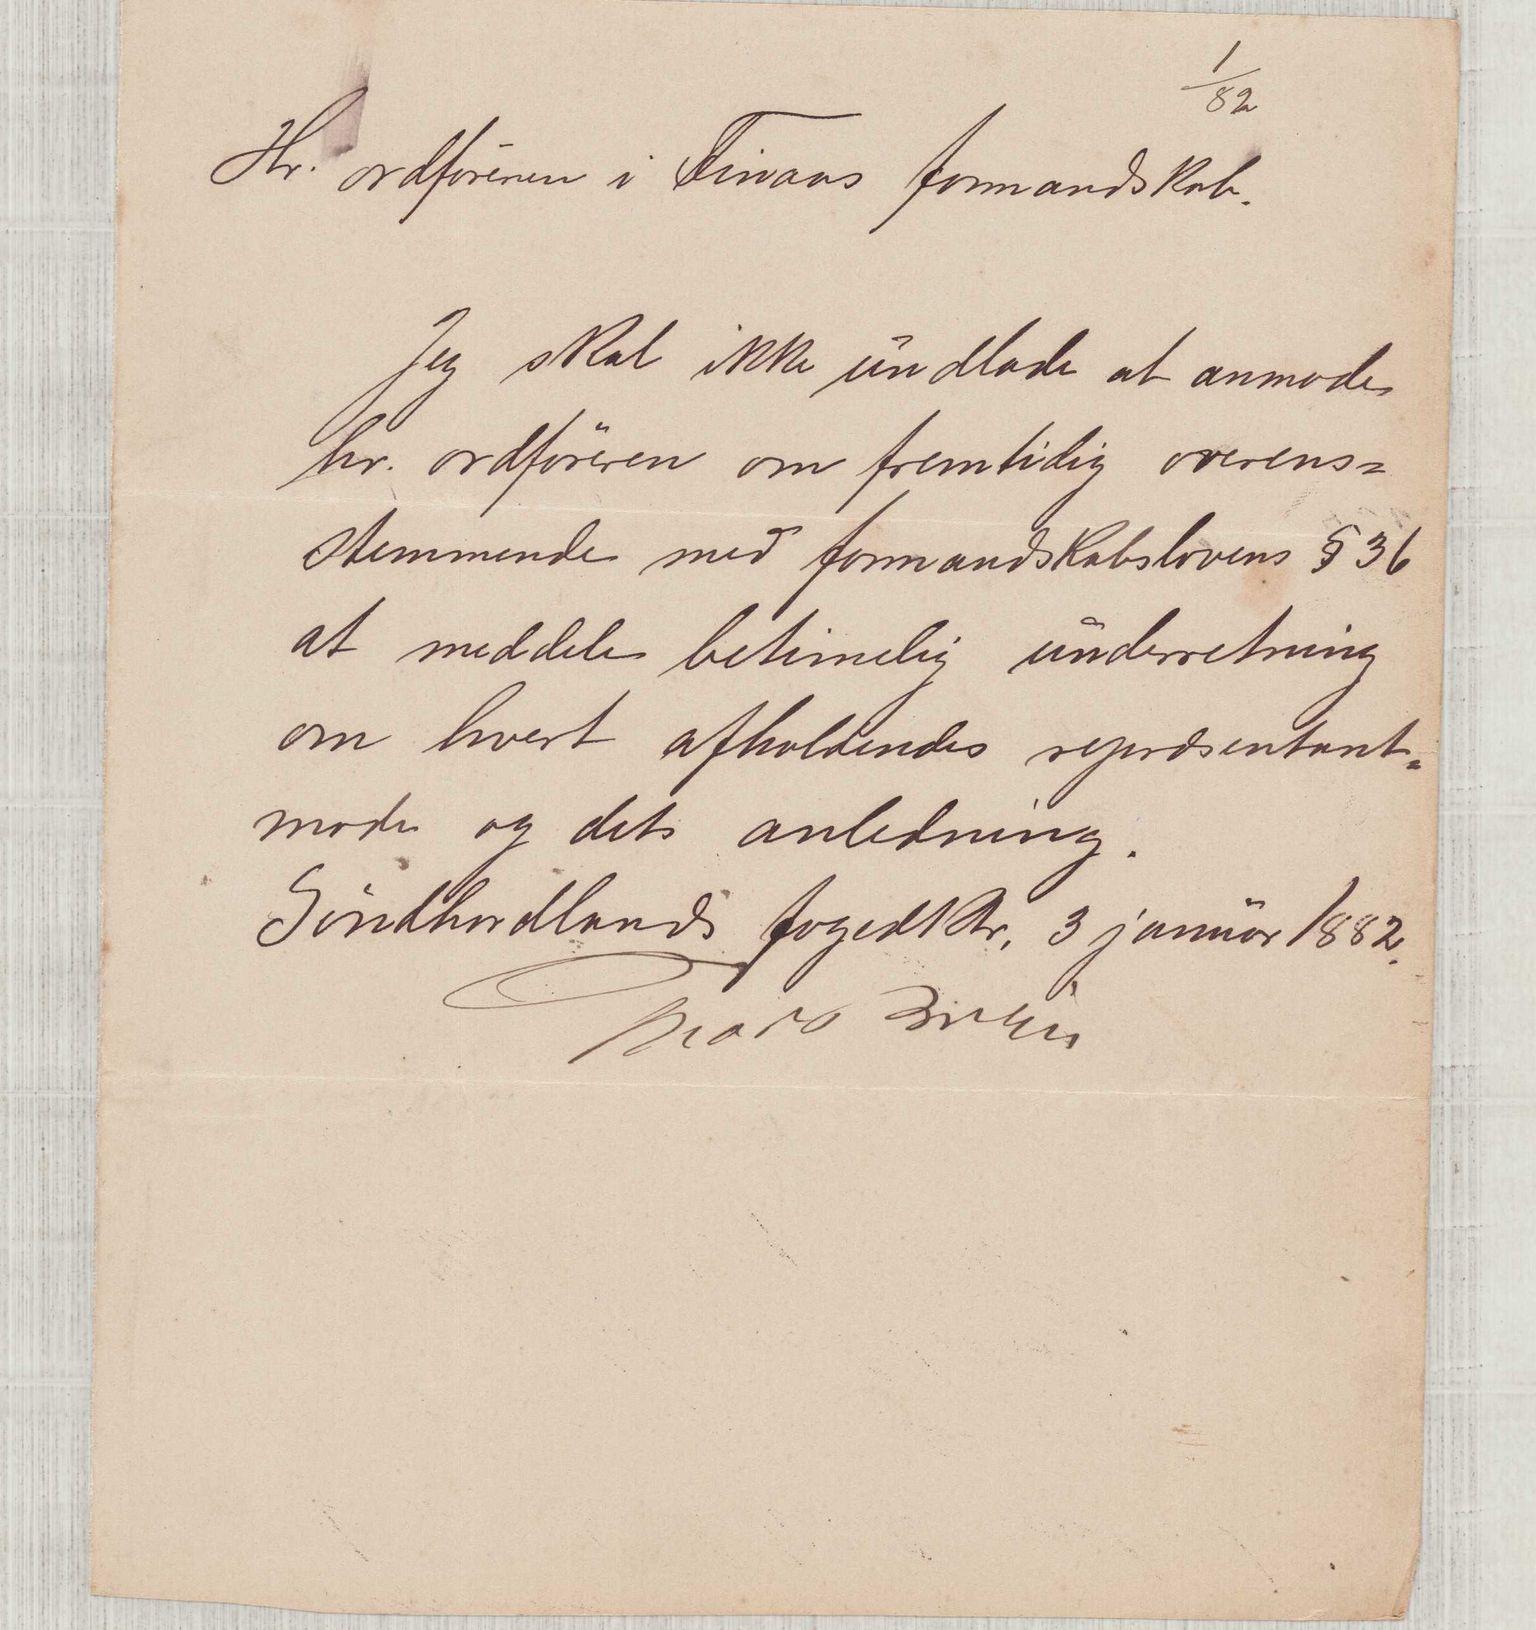 IKAH, Finnaas kommune. Formannskapet, D/Da/L0001: Korrespondanse / saker, 1882, s. 1